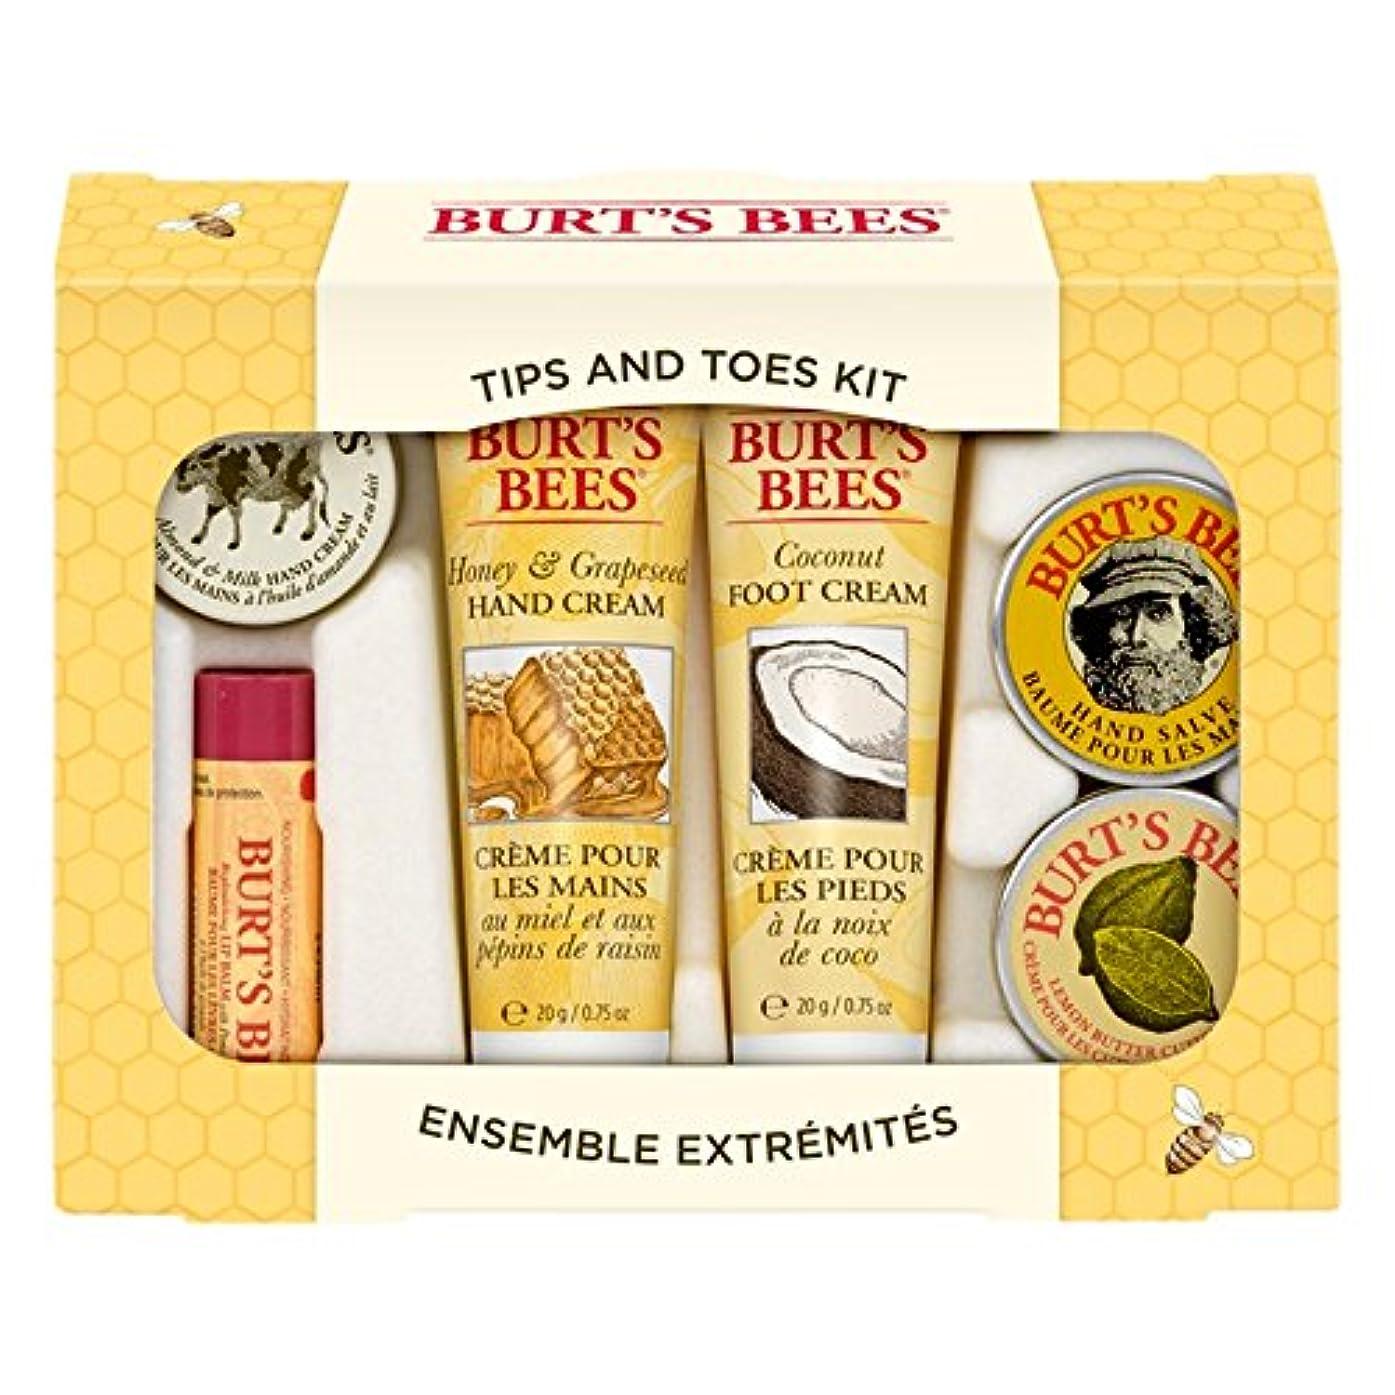 成熟した汚す批判バーツビーのヒントとつま先はスターターキットをスキンケア (Burt's Bees) (x6) - Burt's Bees Tips And Toes Skincare Starter Kit (Pack of 6) [...